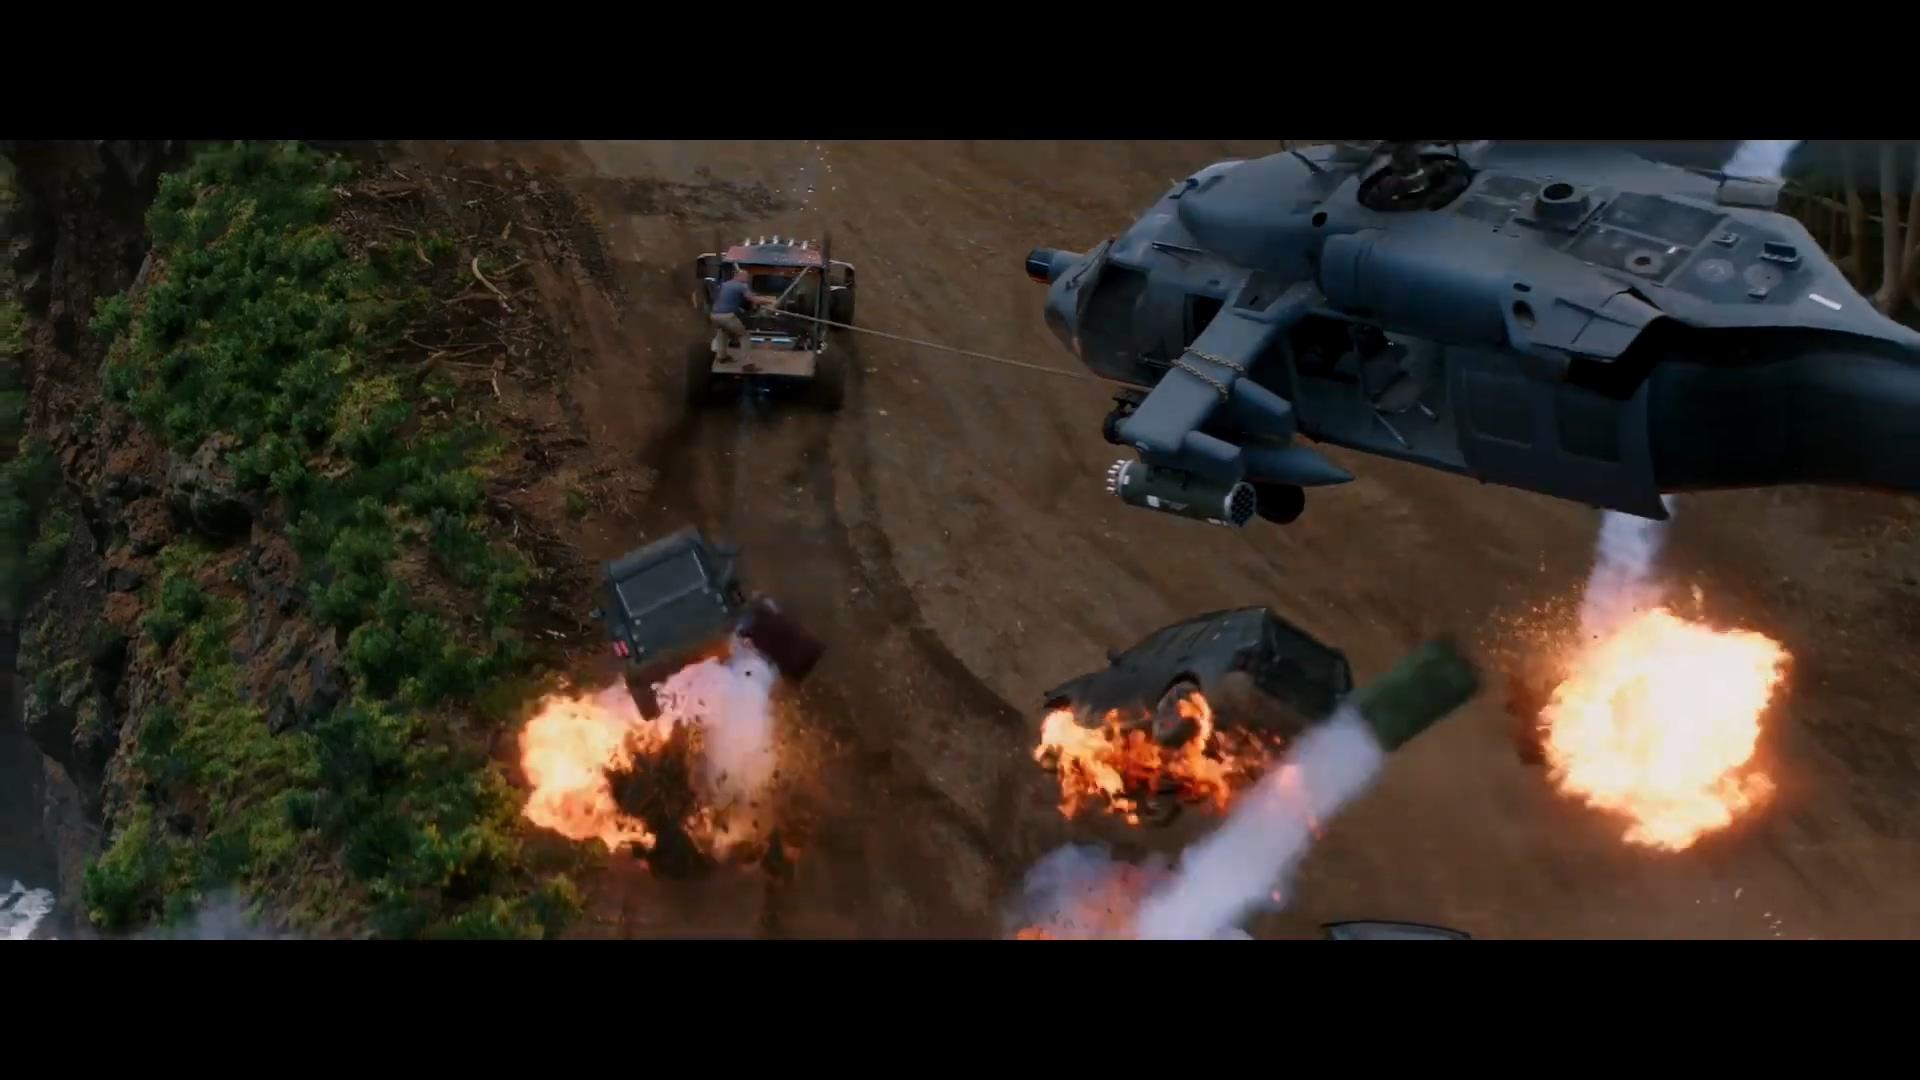 《速度与激情:特别行动》终极版预告 玩命空陆大战